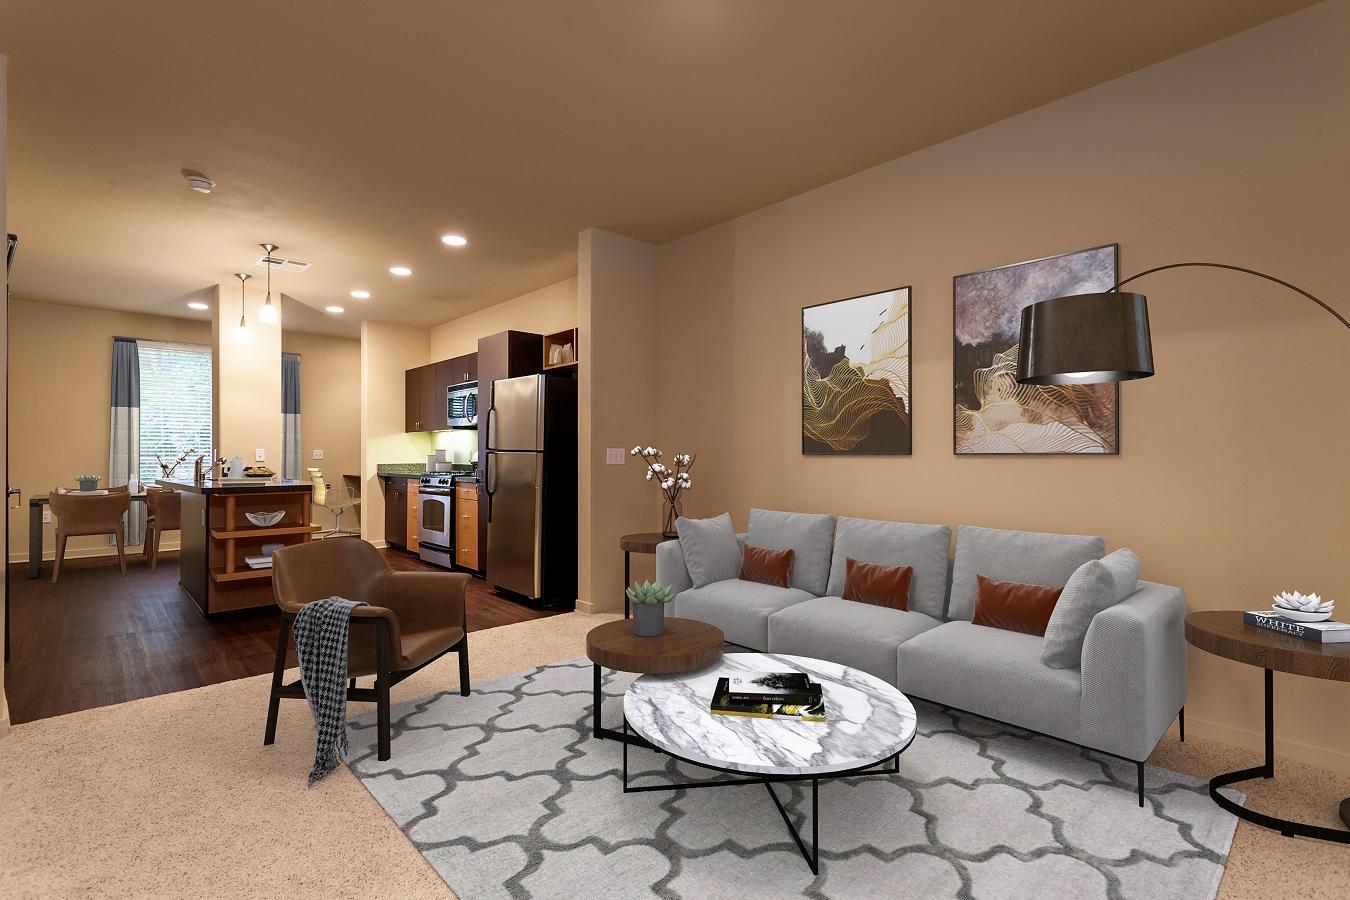 Camden Main and Jamboree Apartments image 6